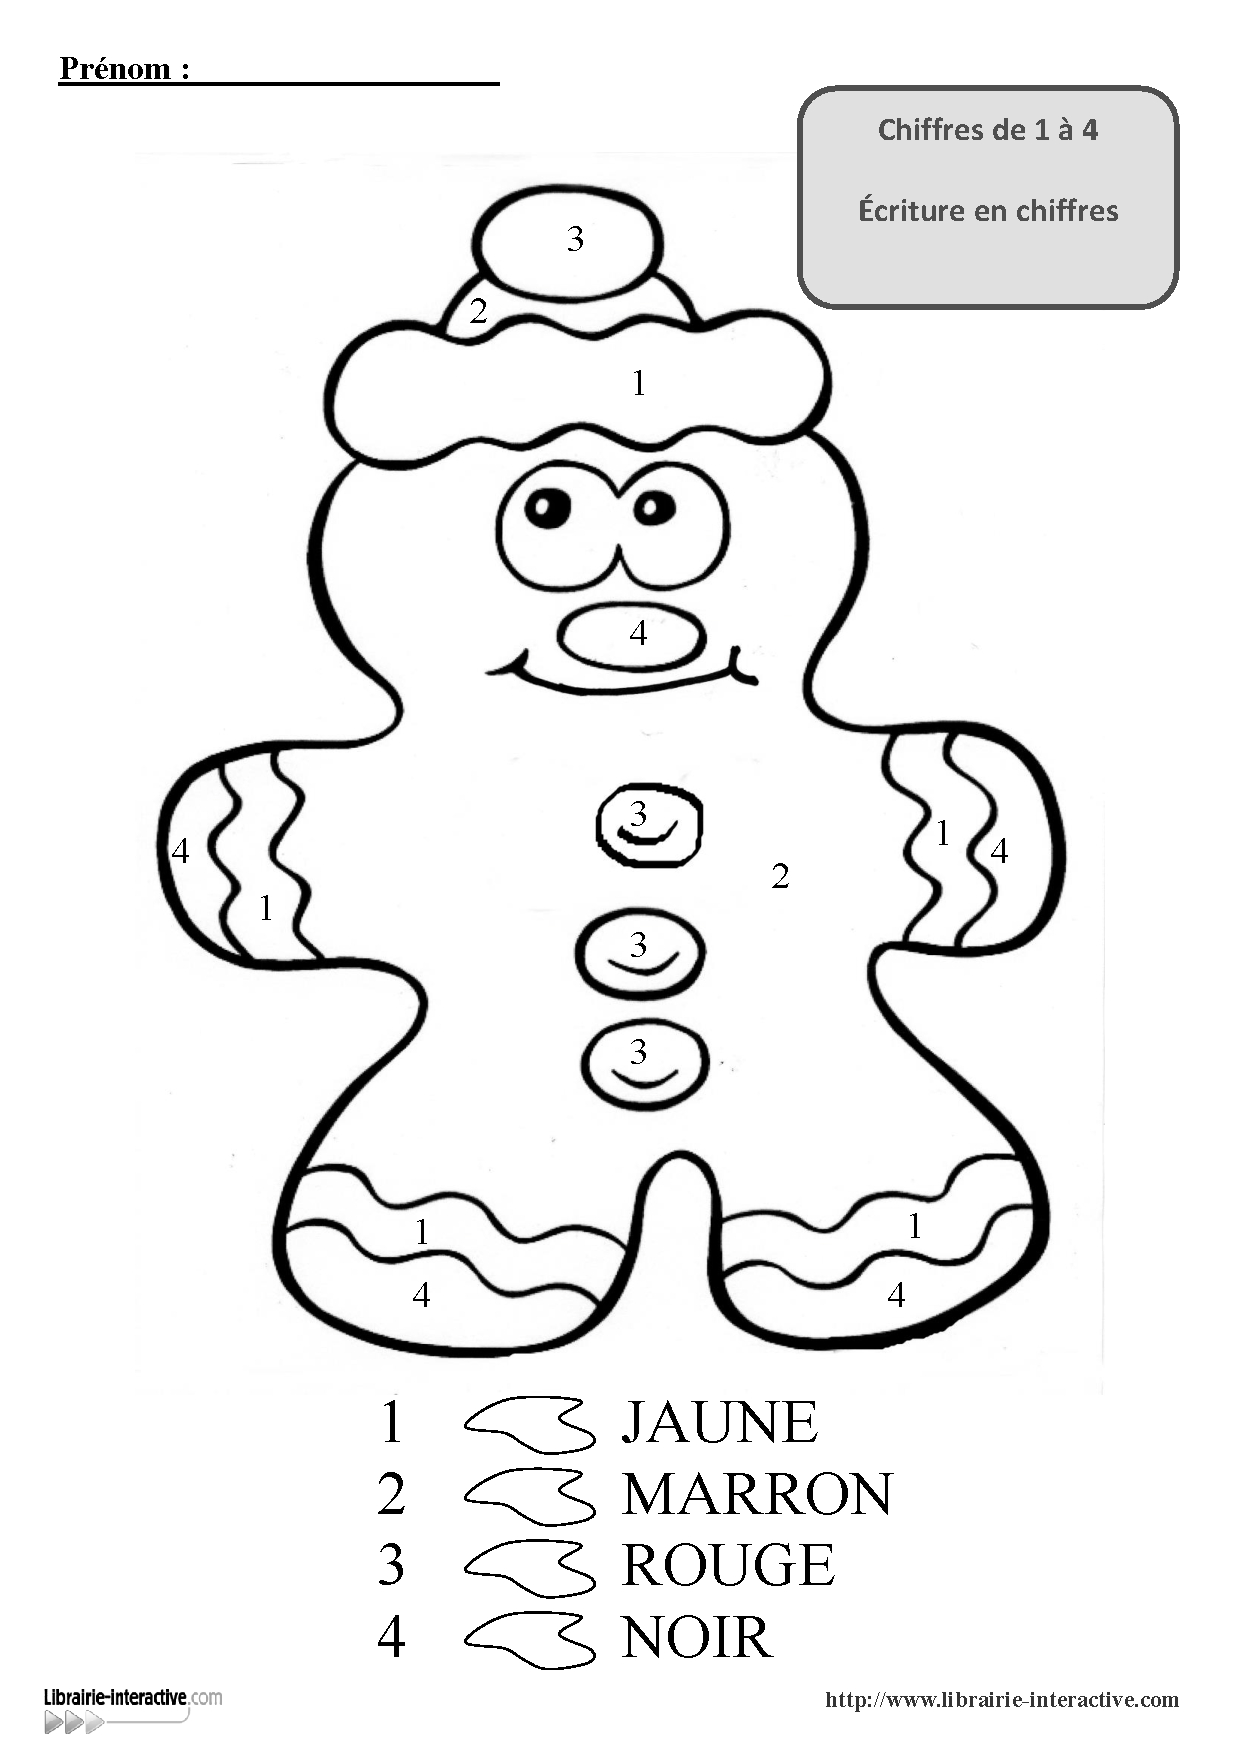 3 Coloriages Magiques Pour Les Maternelles, Pour La Venue tout Coloriage Numéroté Maternelle